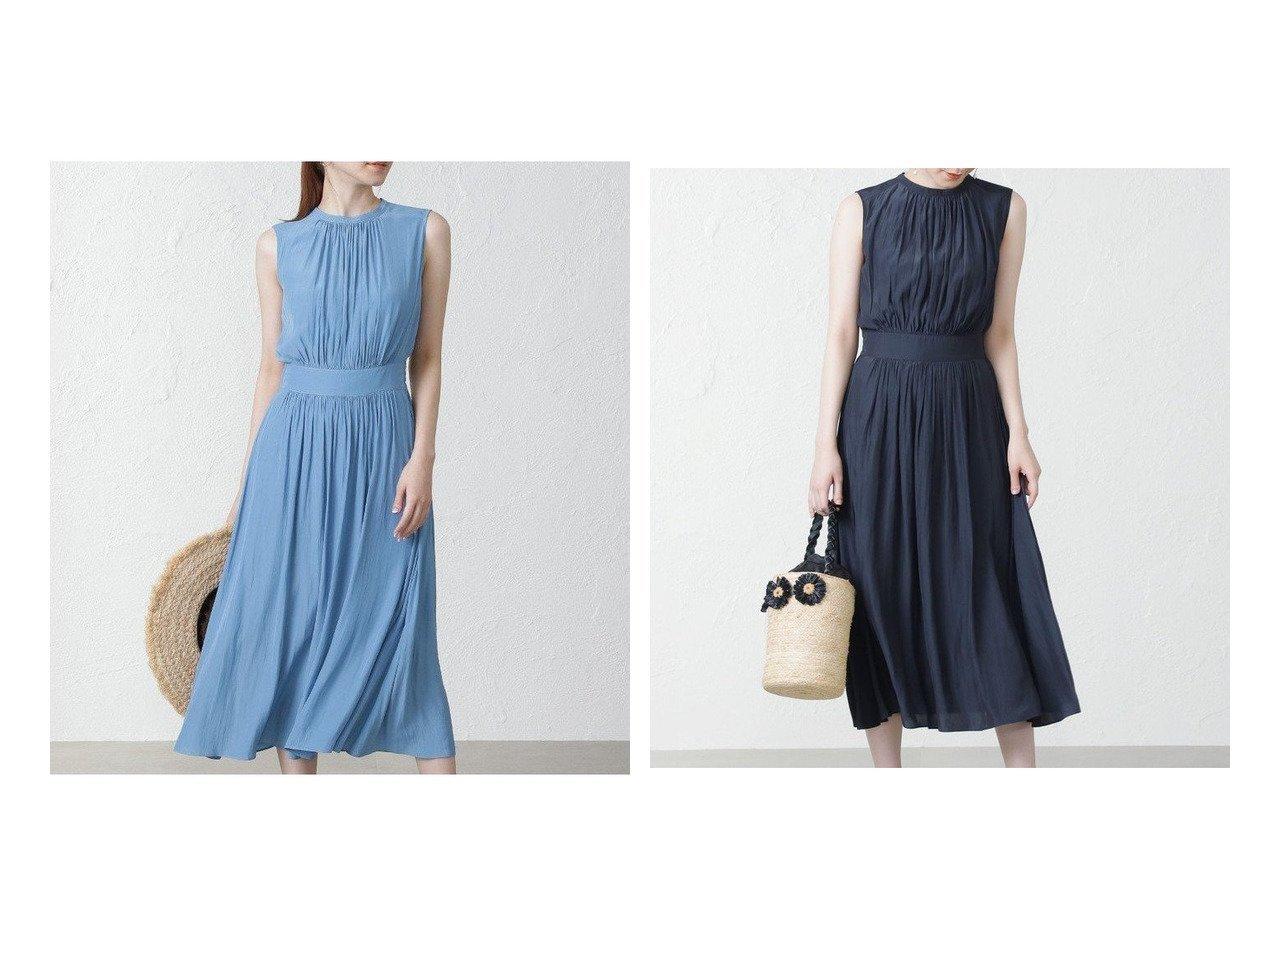 【EPOCA THE SHOP/エポカ ザ ショップ】のタンブラーノースリーブドレス おすすめ!人気トレンド・レディースファッション通販 おすすめで人気の流行・トレンド、ファッションの通販商品 インテリア・家具・メンズファッション・キッズファッション・レディースファッション・服の通販 founy(ファニー) https://founy.com/ ファッション Fashion レディースファッション WOMEN ワンピース Dress ドレス Party Dresses インナー ギャザー タンブラー ブラウジング リュクス |ID:crp329100000052479